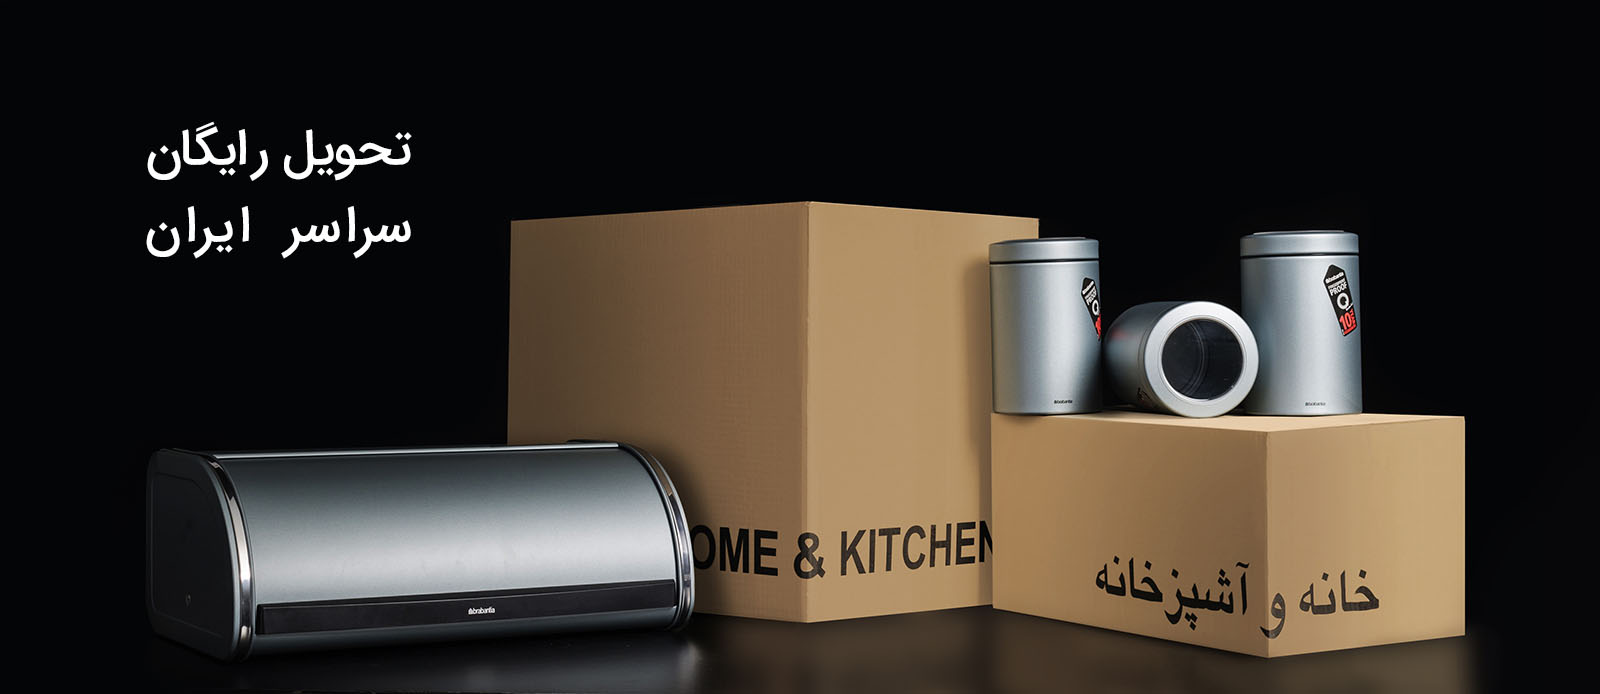 خانه و آشپزخانه